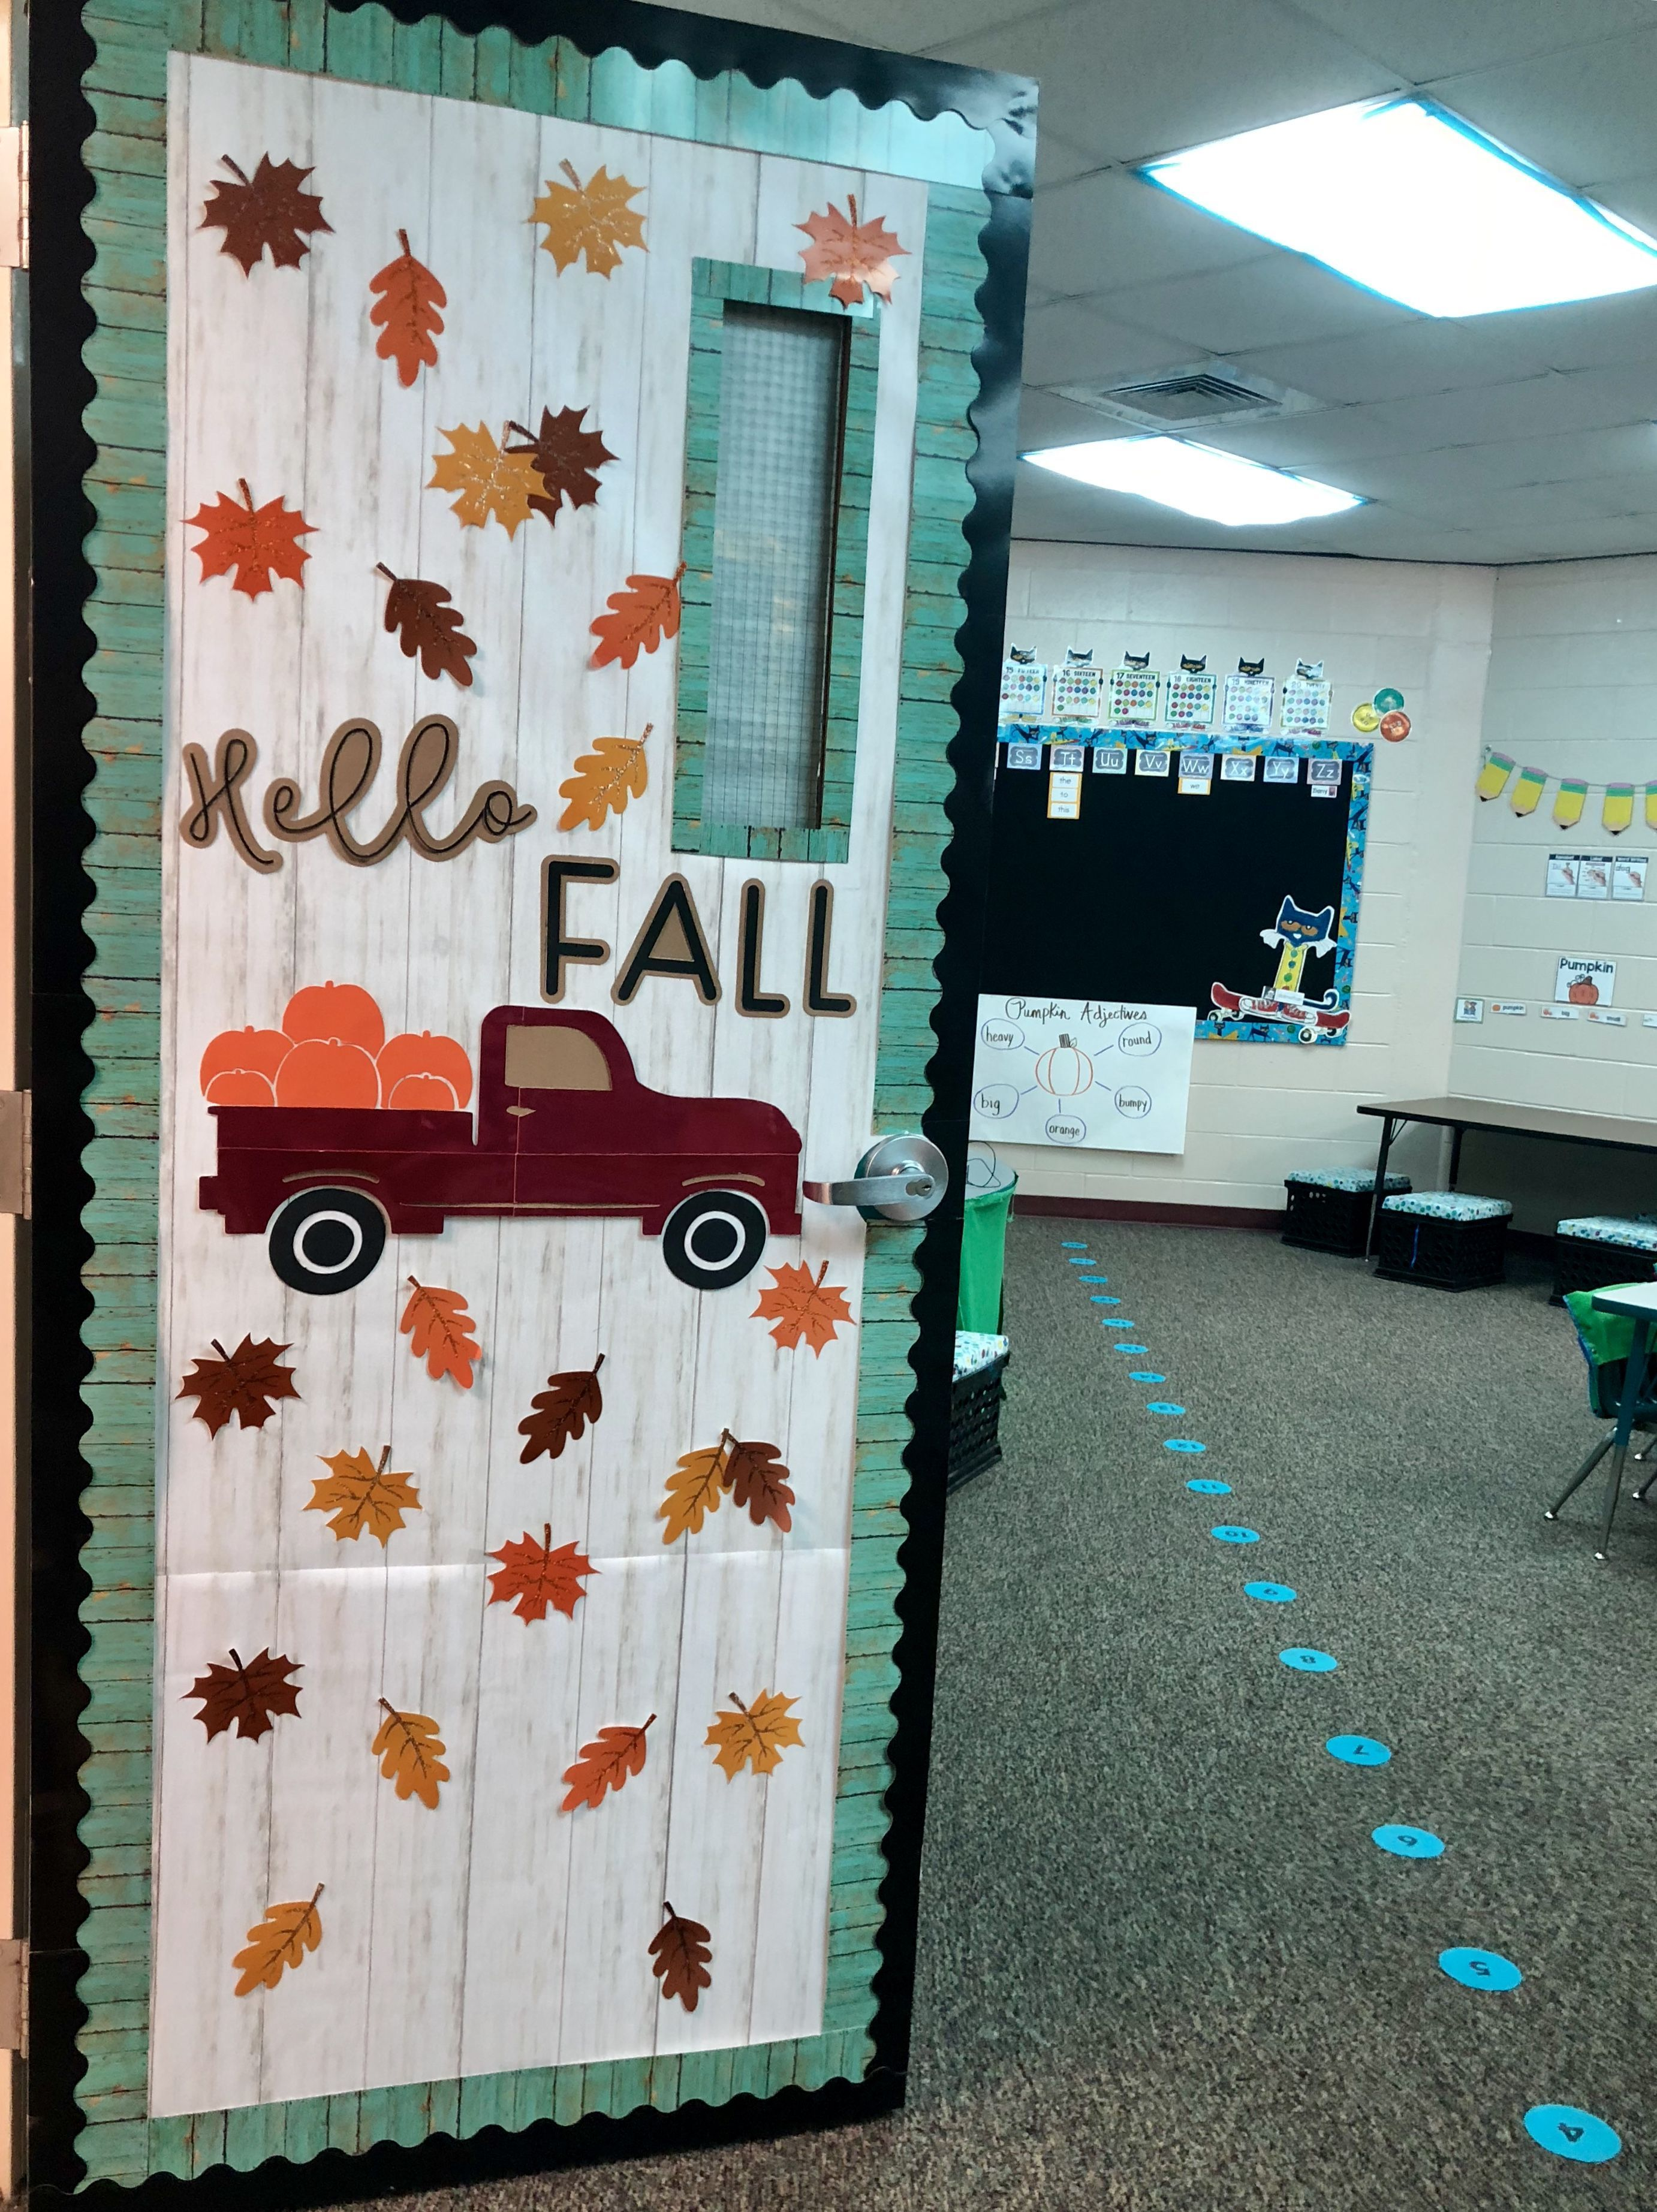 Fall classroom door  #falldoordecorationsclassroom Hello Fall #hellofall Fall classroom door  #falldoordecorationsclassroom Hello Fall #hellofall